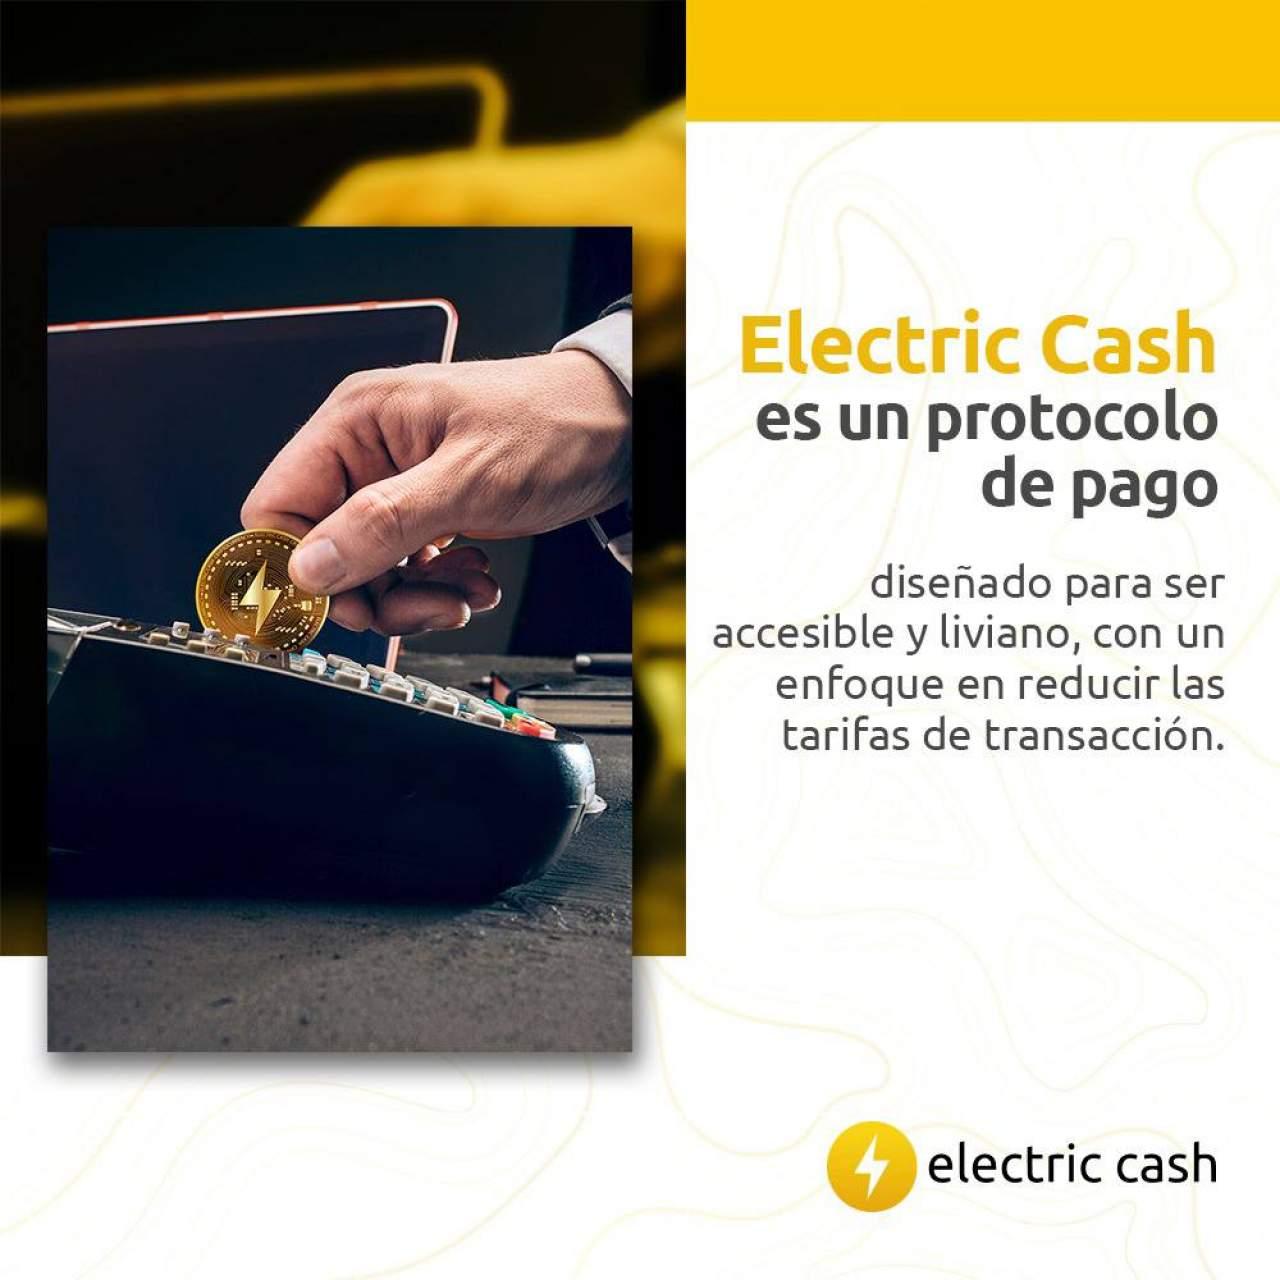 ELCASH: ¿Qué papel ocupa la criptomoneda Electric Cash en el sector de la minería combinada?